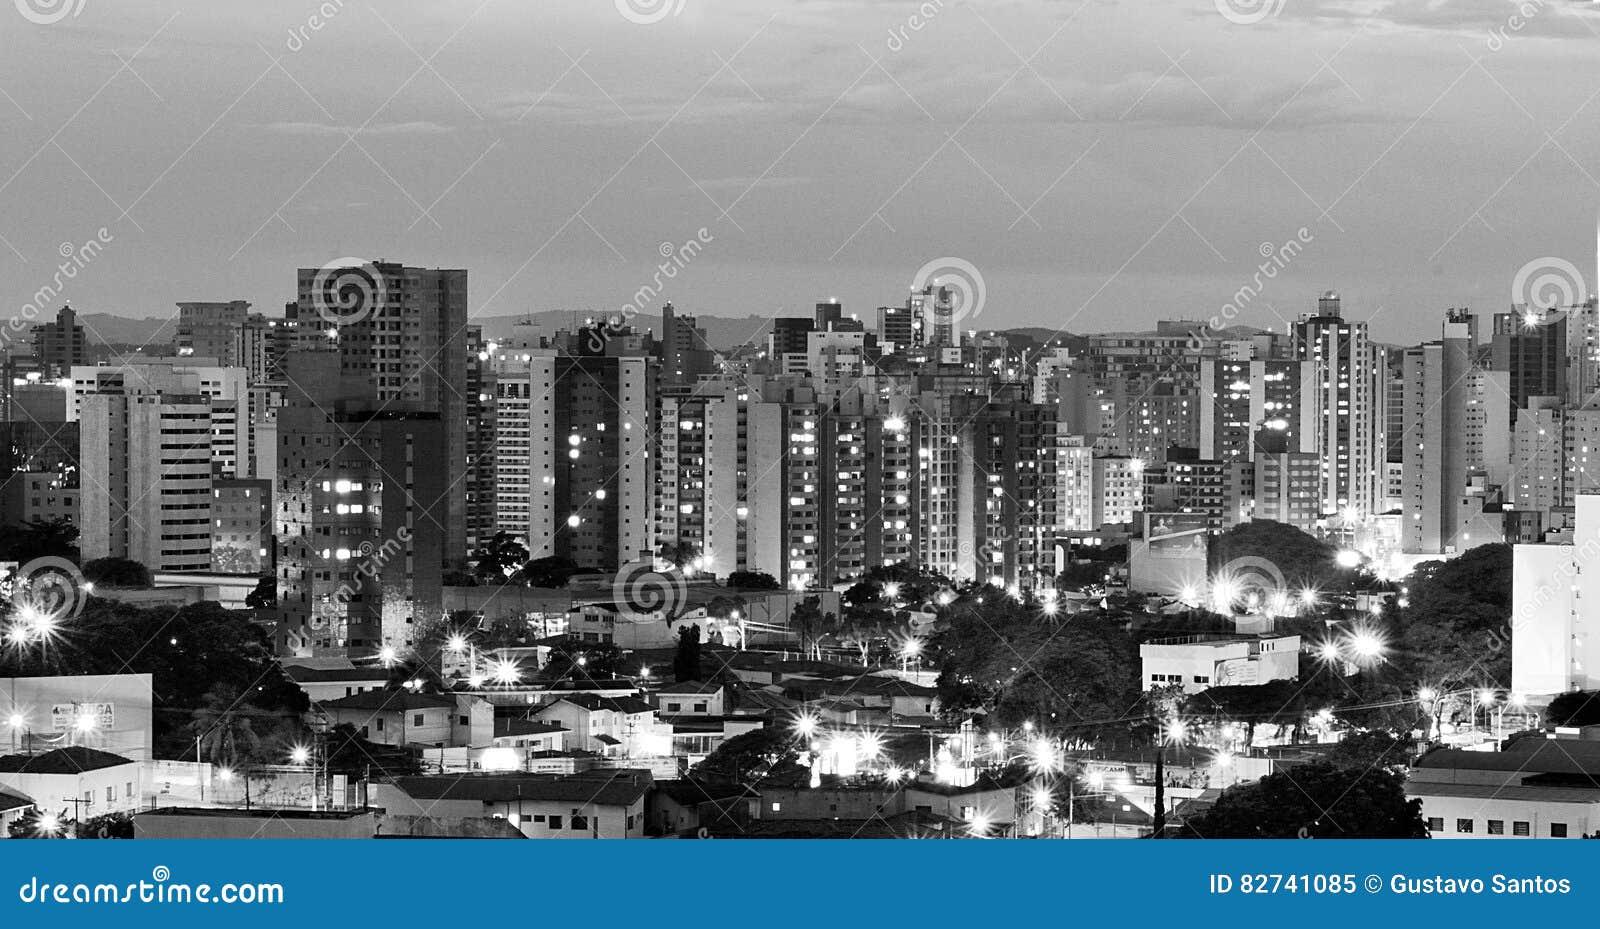 Draufsicht der Stadt von Campinas am Abend, in Brasilien, in der Schwarzweiss-Version